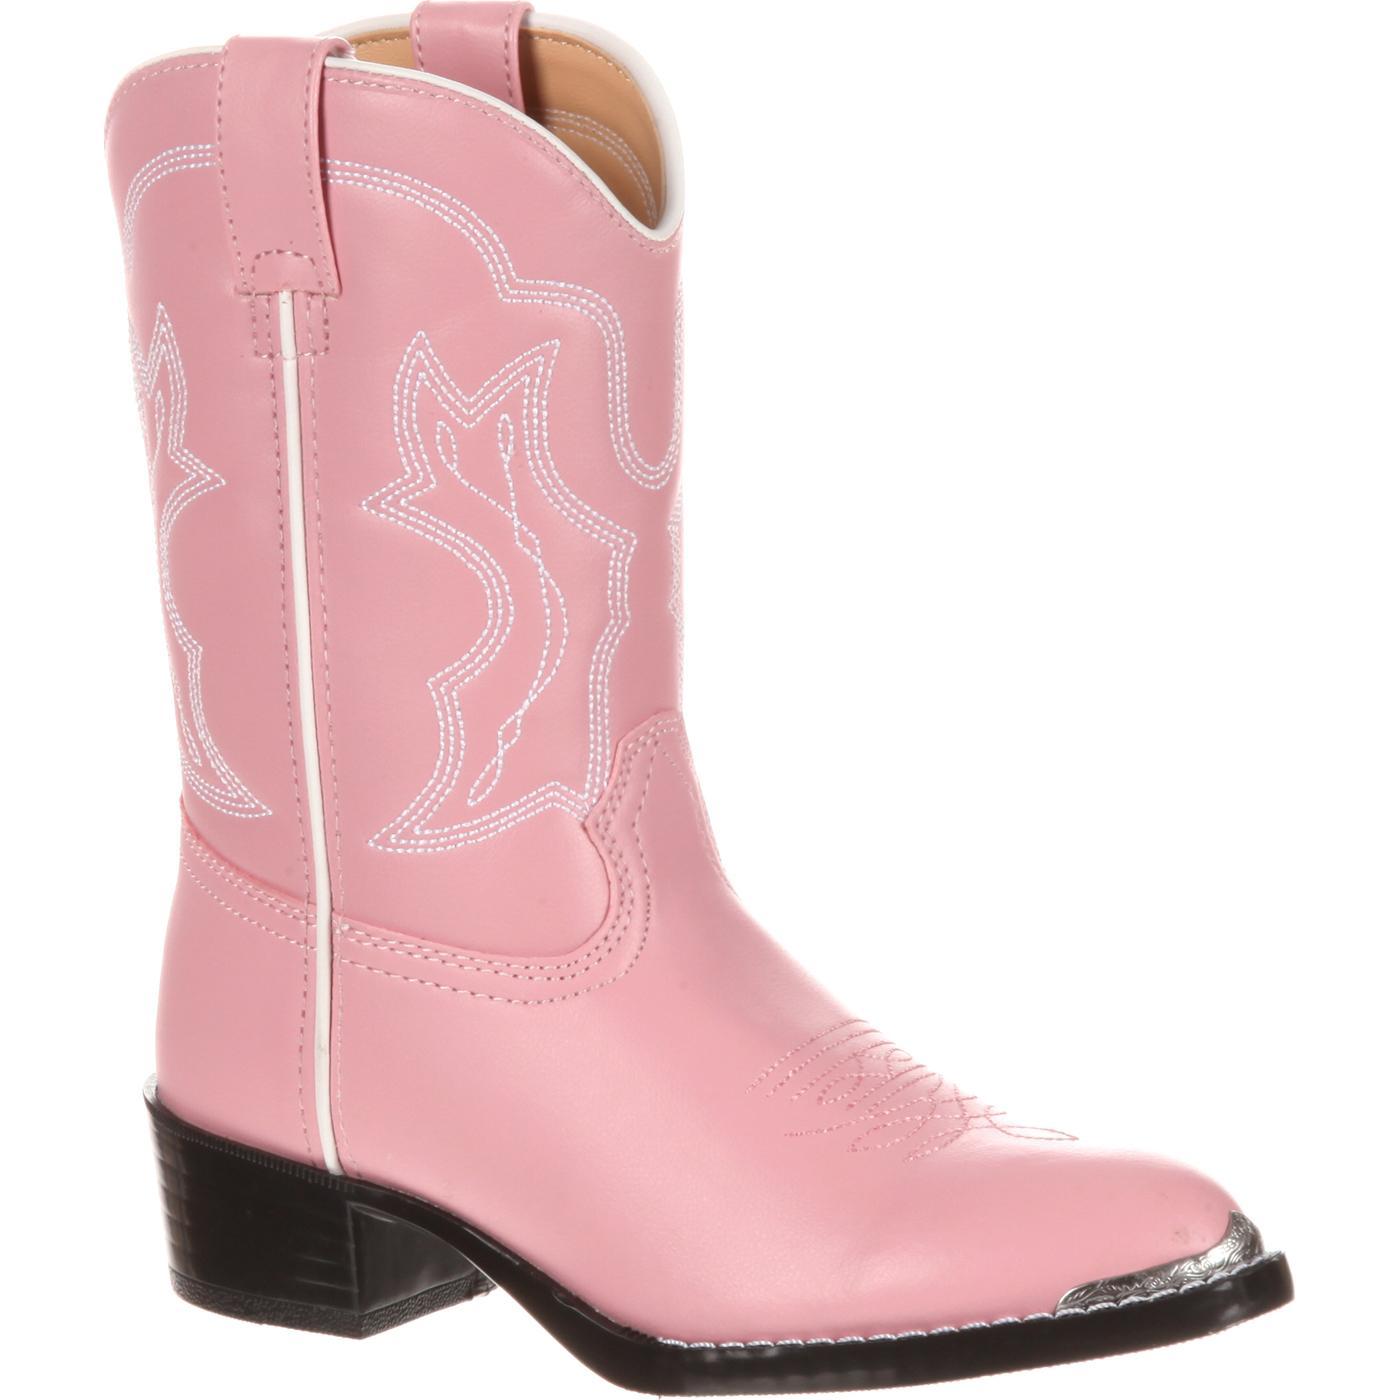 f51b6b09a9 Botas vaqueras rosadas para niñas. Bota Durango  estilo  BT858